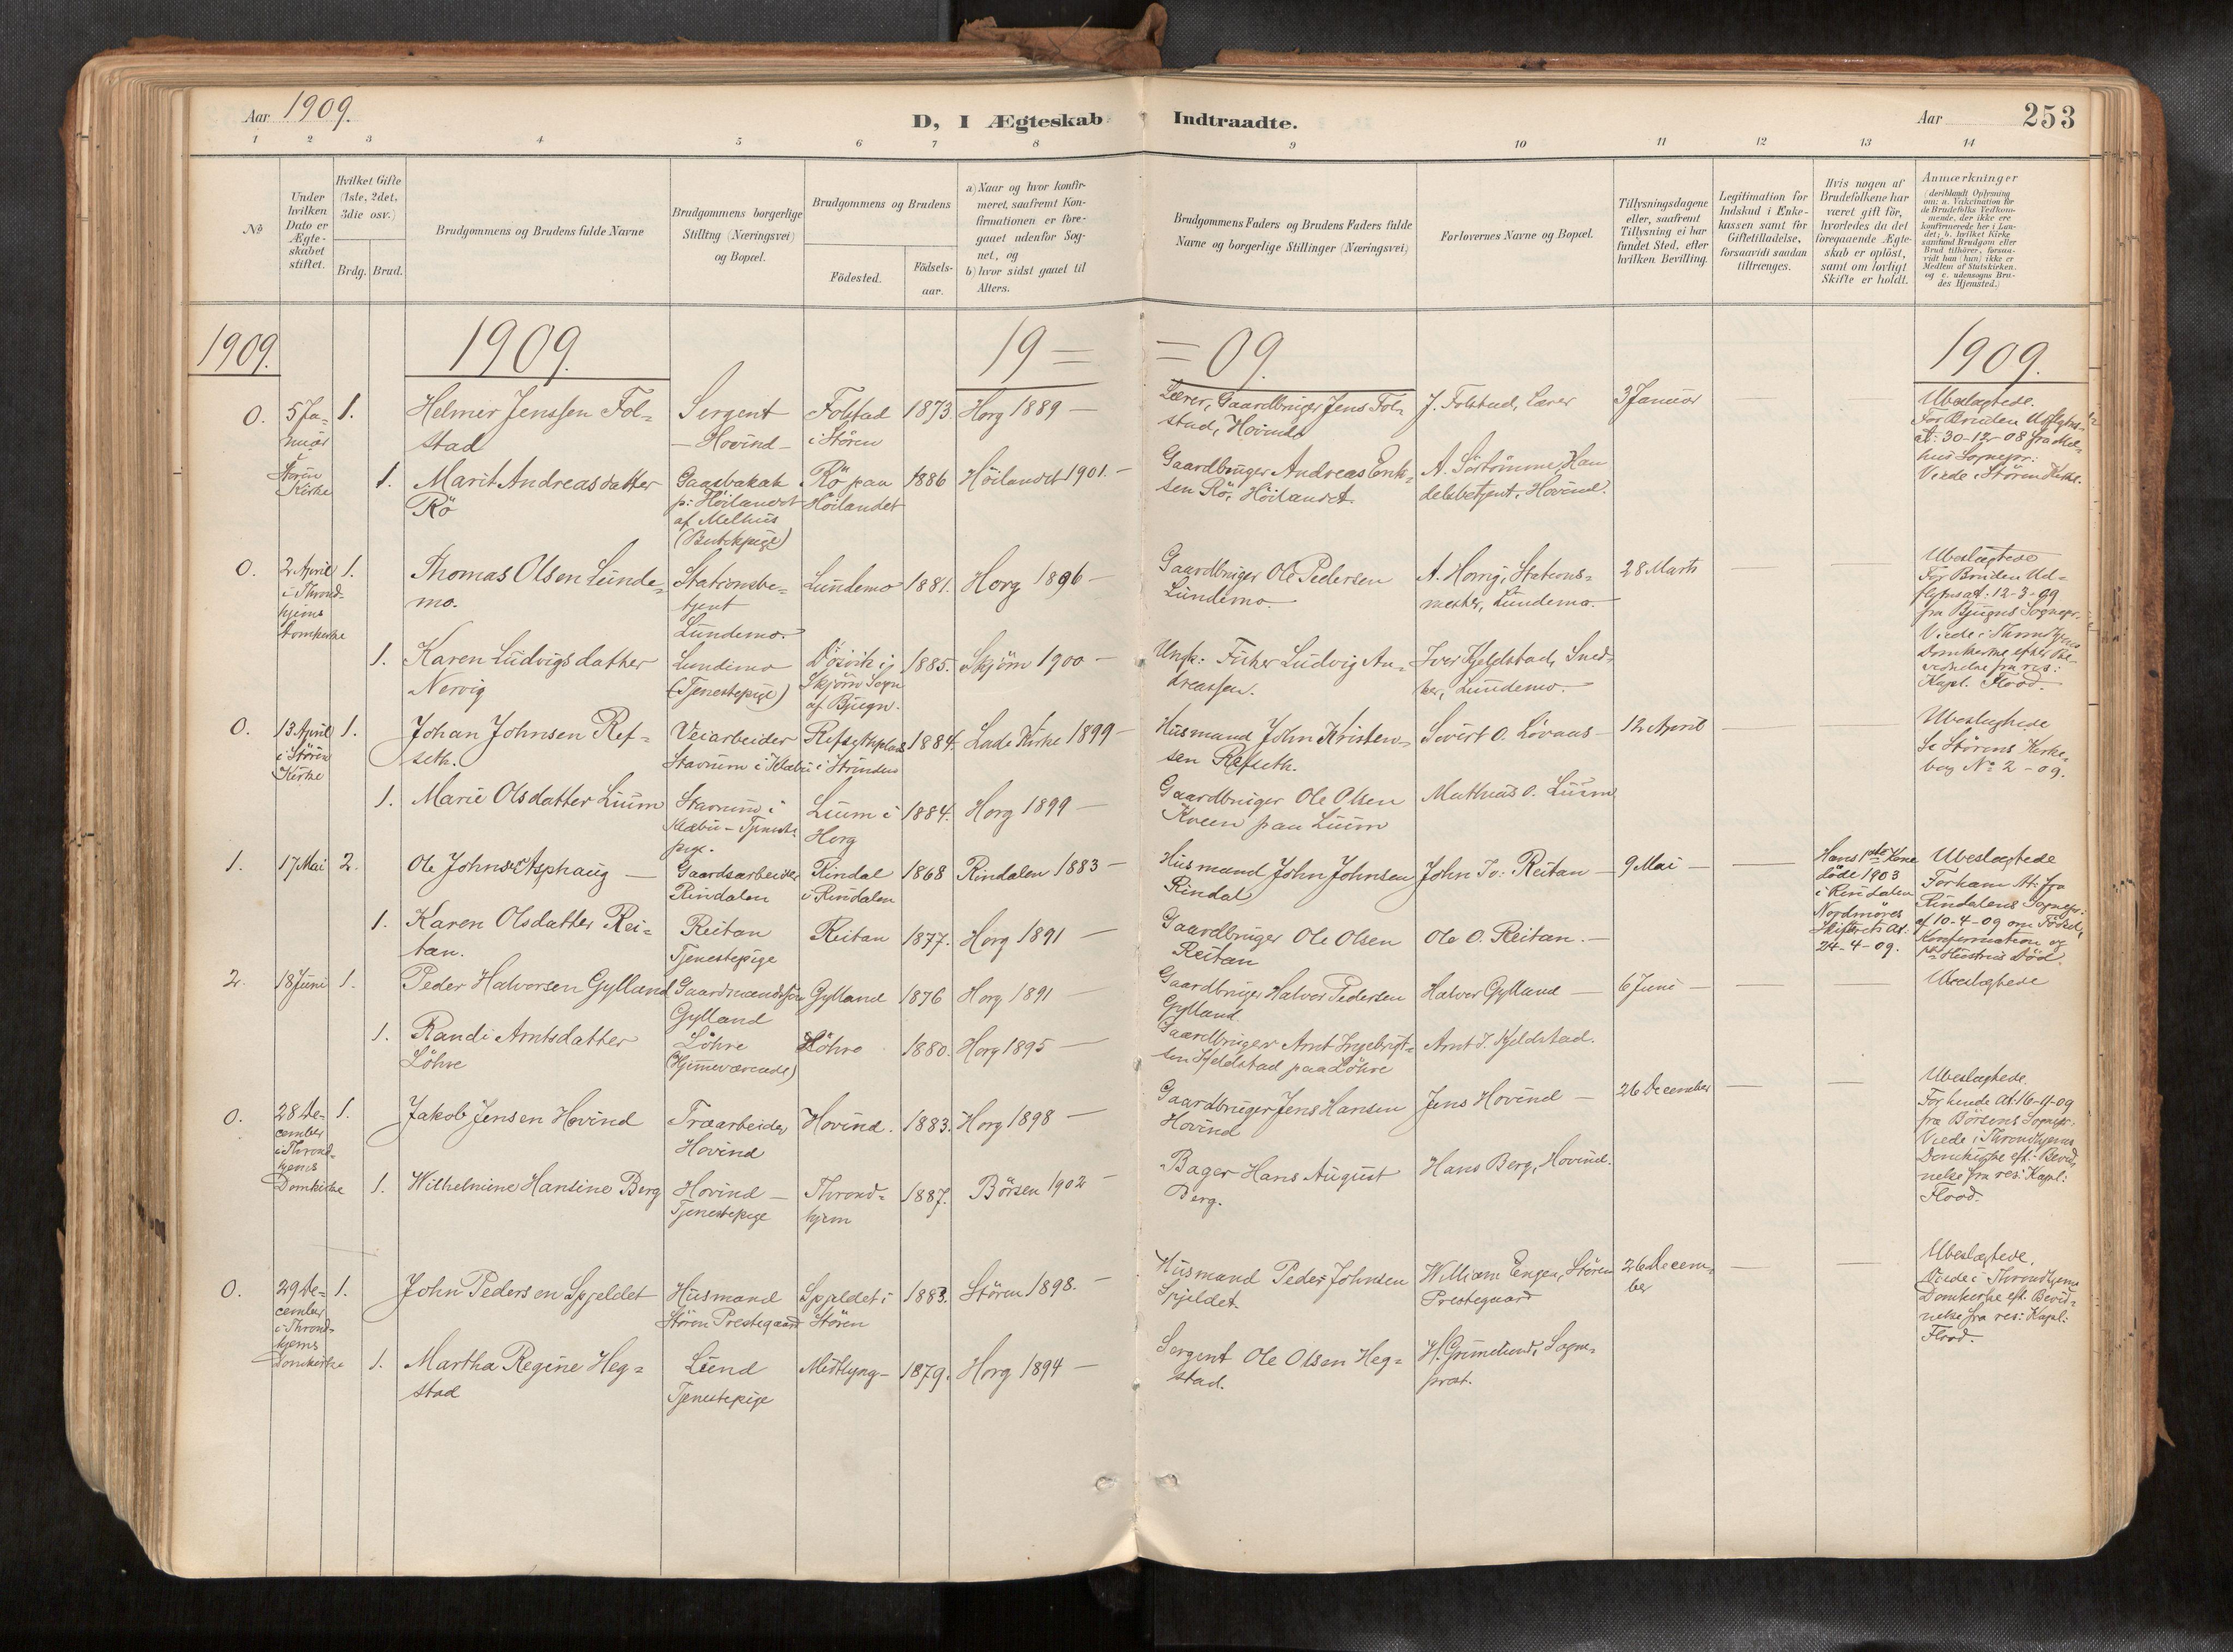 SAT, Ministerialprotokoller, klokkerbøker og fødselsregistre - Sør-Trøndelag, 692/L1105b: Ministerialbok nr. 692A06, 1891-1934, s. 253